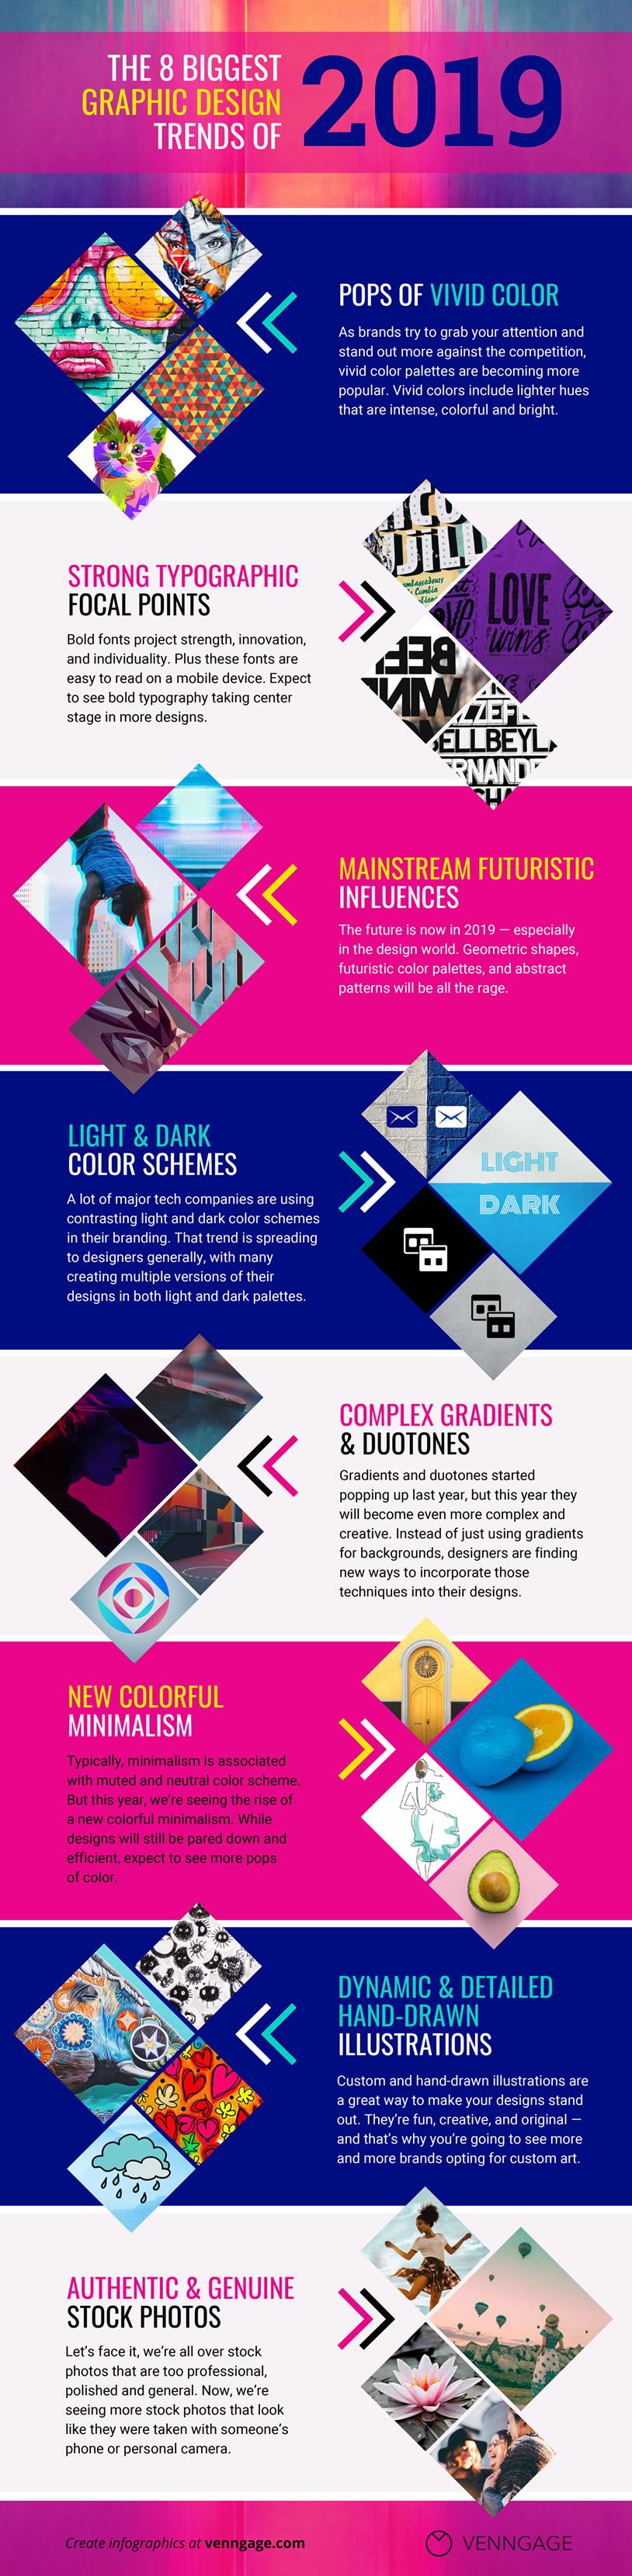 8 tendencias en Diseño Gráfico